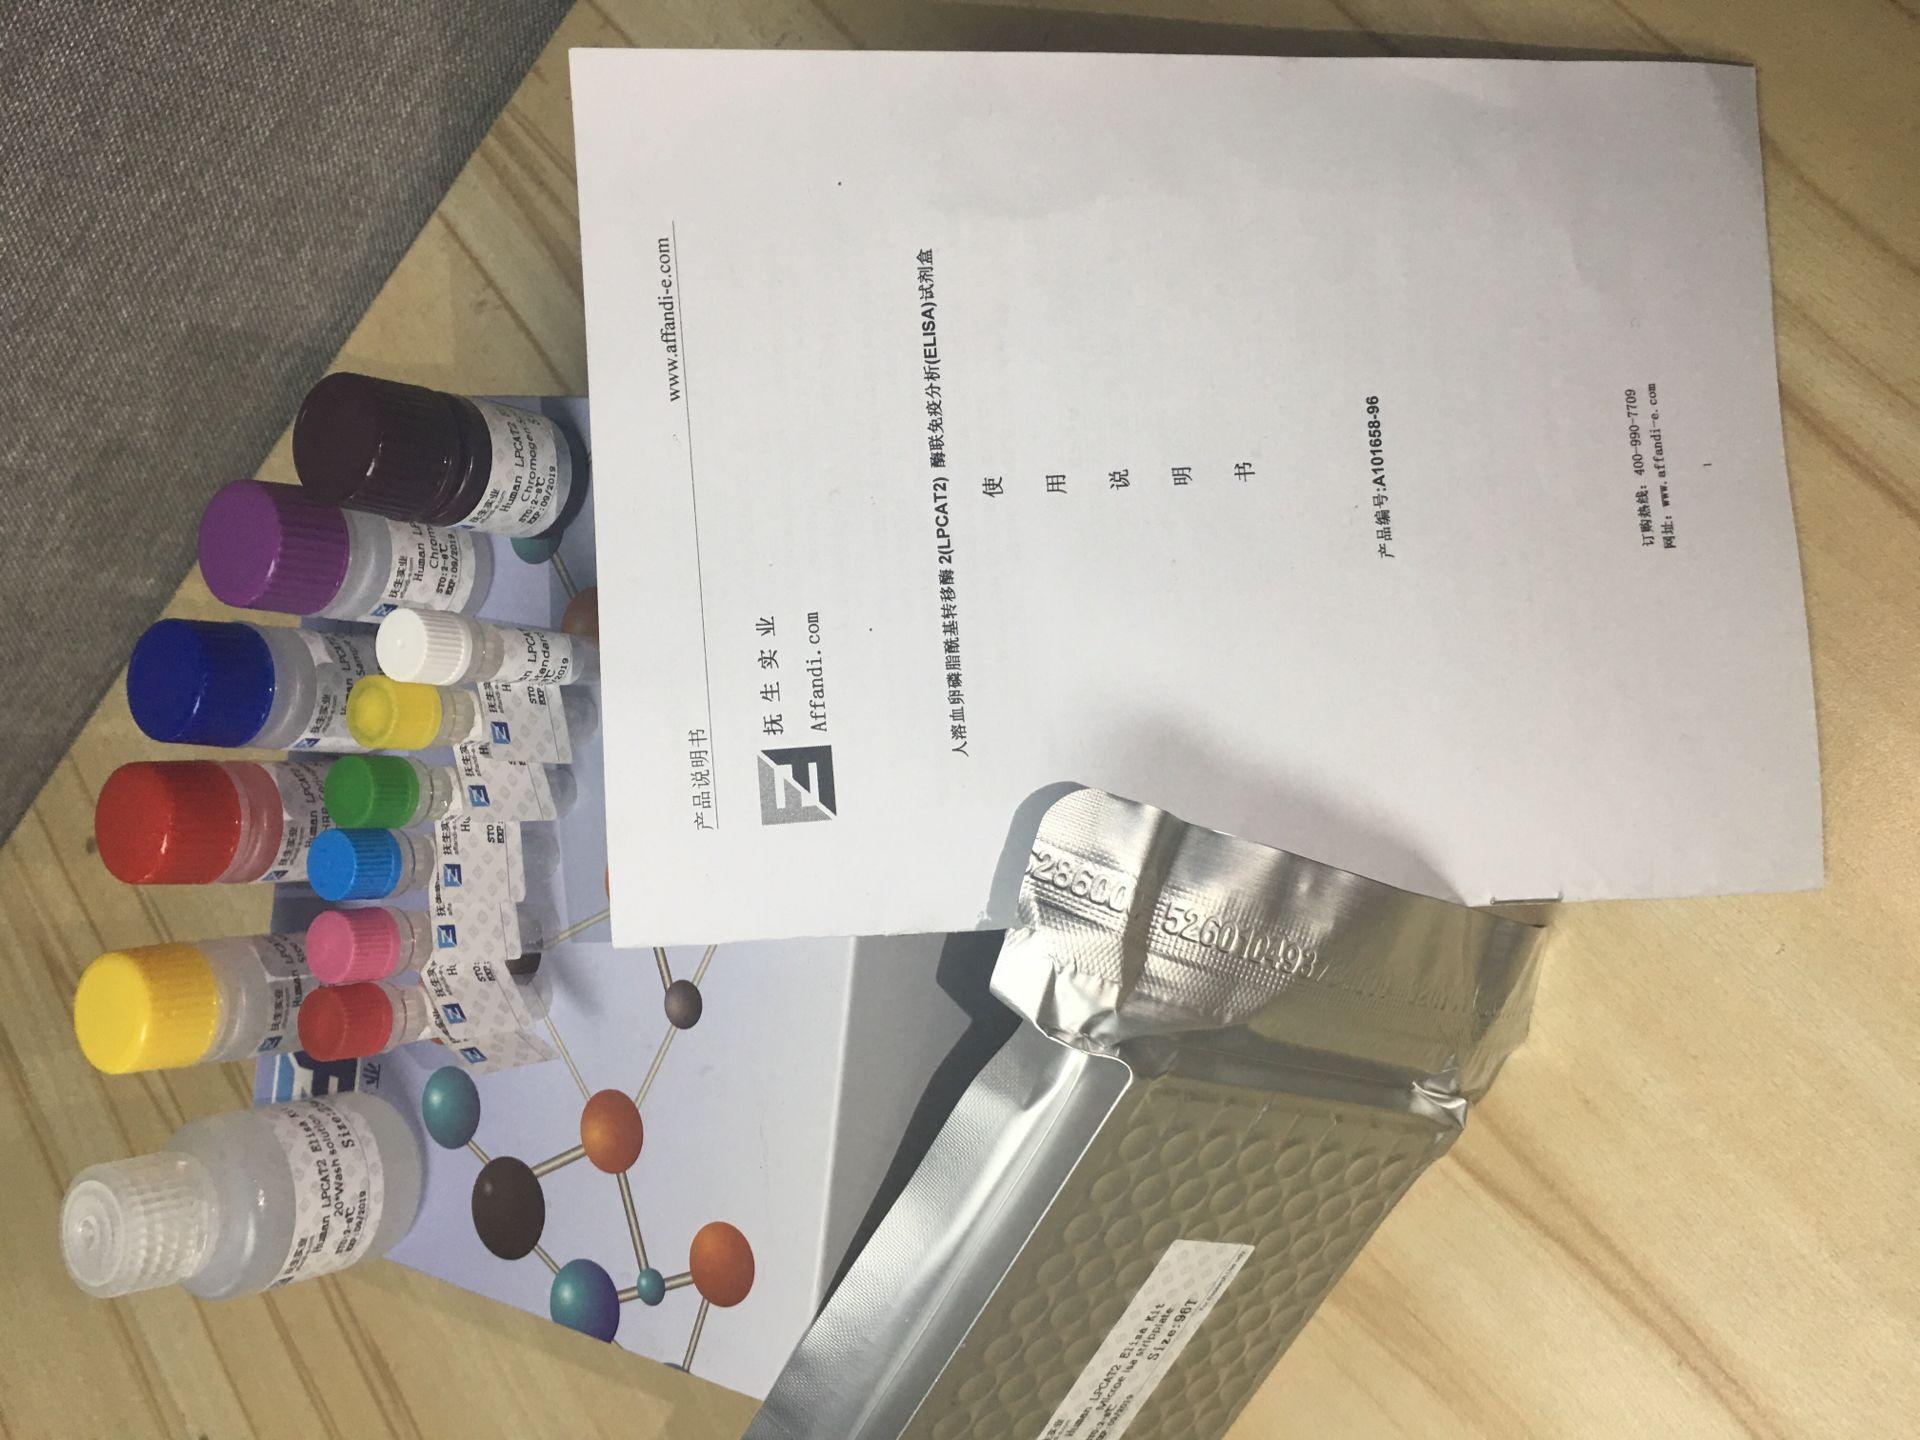 肠炎沙门氏菌抗体检测试剂盒